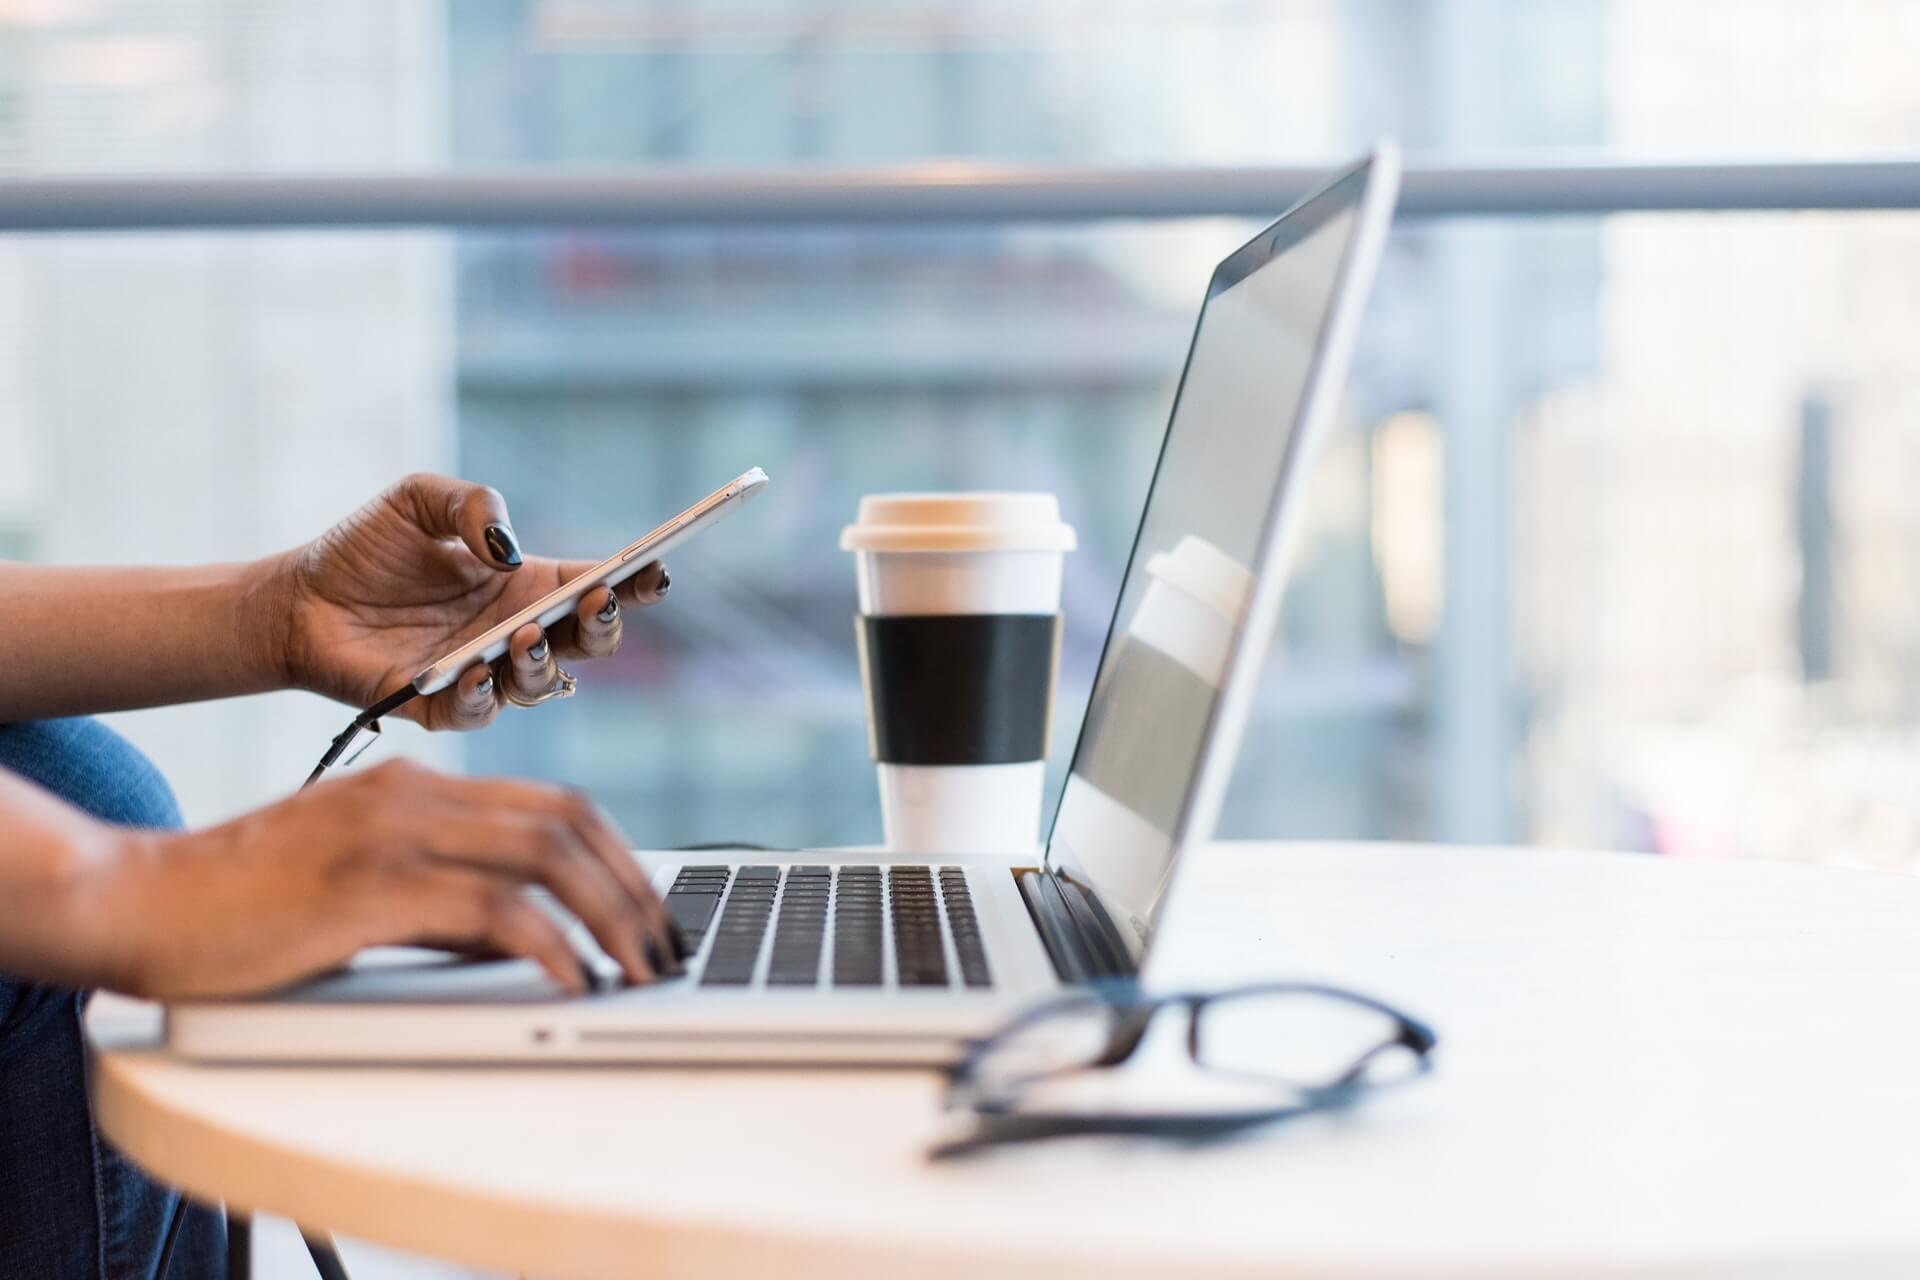 Saia da Internet: um desafio para se reconectar com você mesmo